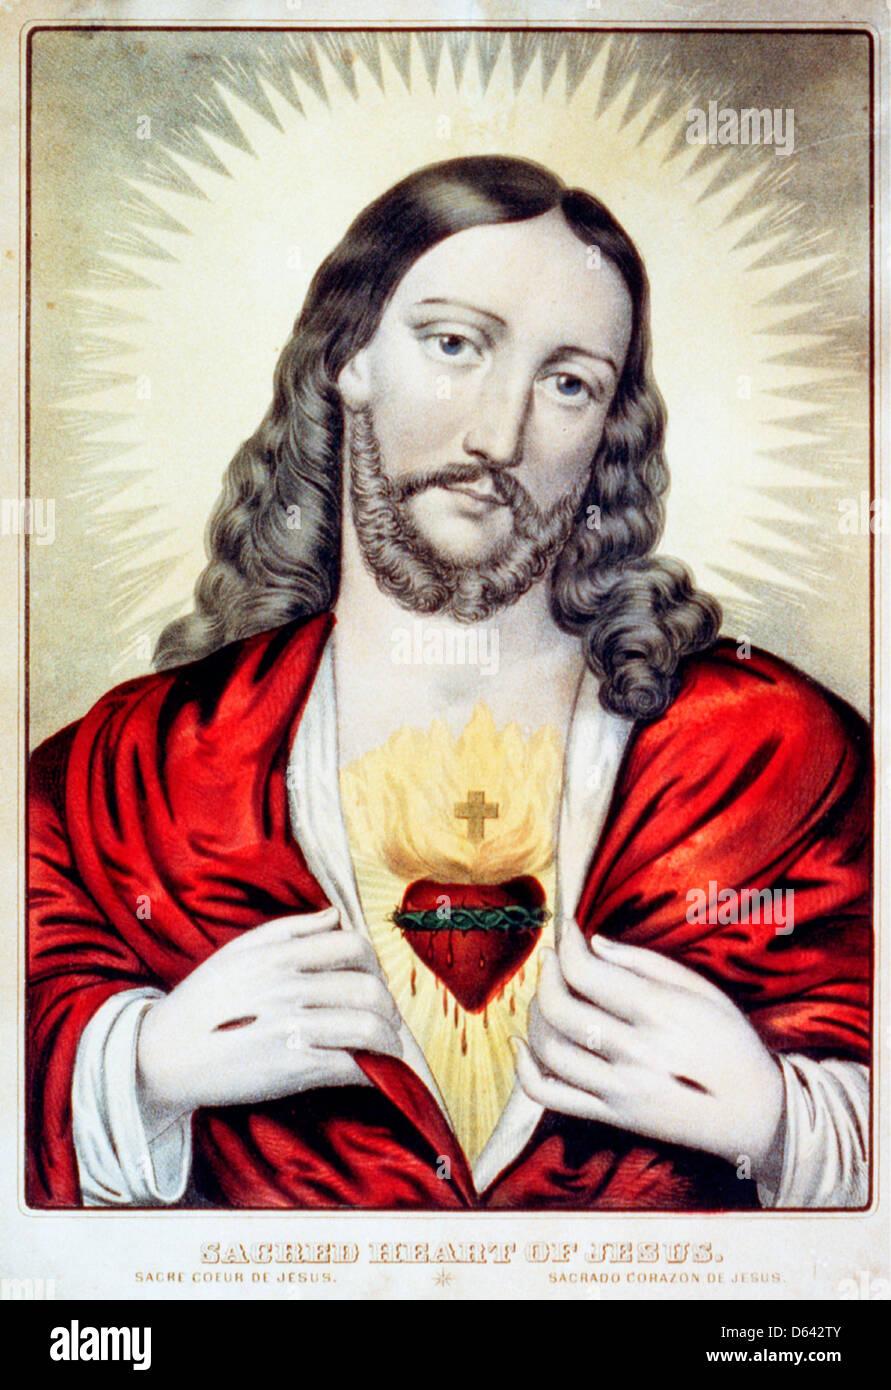 Sacred Heart of Jesus: Sacre ́Coeur de Jesus / Saǵrado Coŕazon de Jesus - hand colored lithograph, circa 1850 - Stock Image